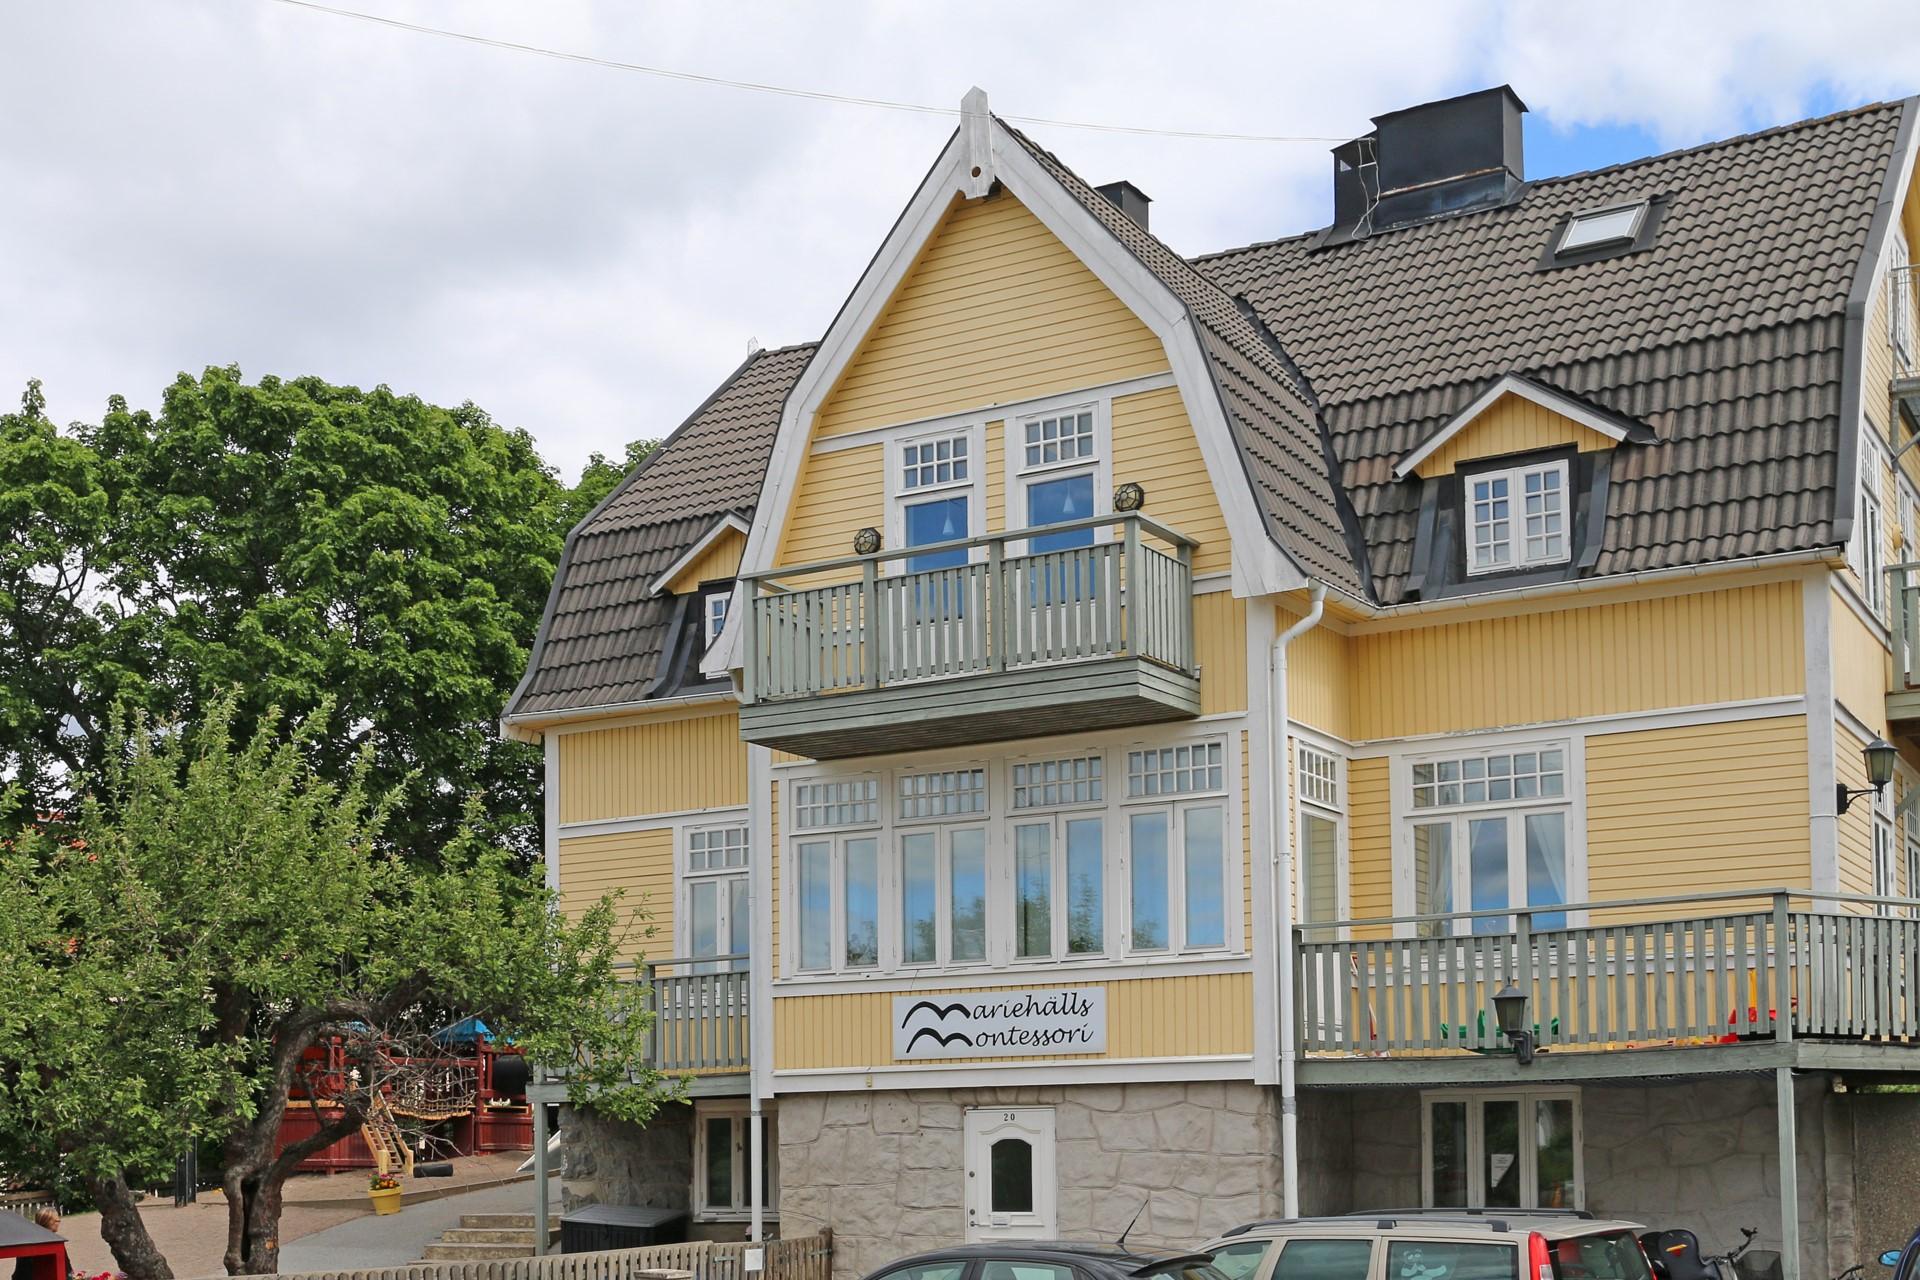 Mariehälls Montessori